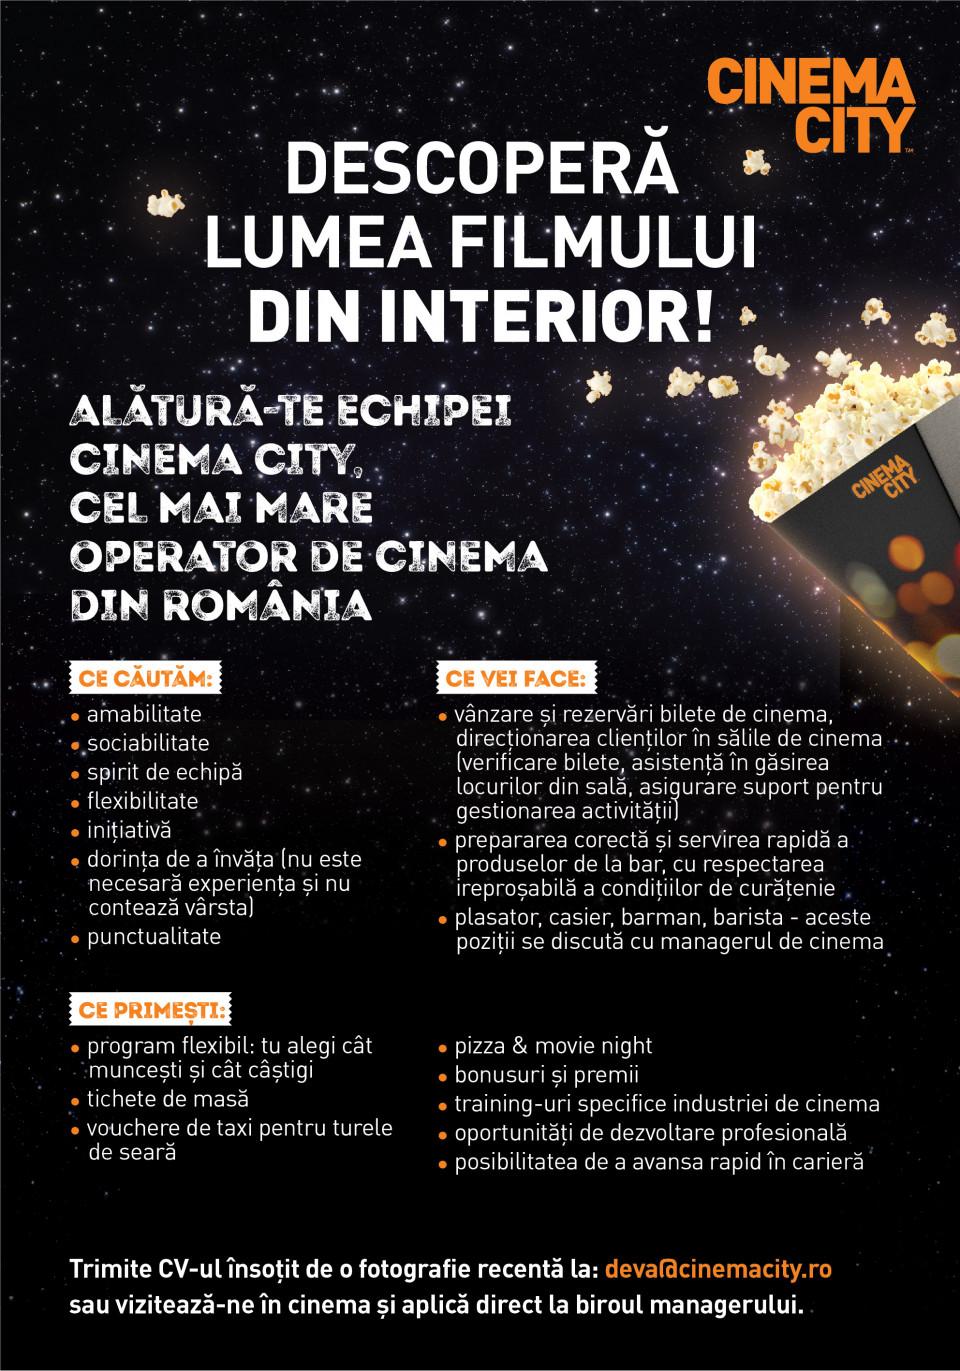 DESCOPERĂ LUMEA FILMULUI DIN INTERIOR!  Alătură-te echipei Cinema City, cel mai mare operator de cinema din România.  Cum ne dorim sa fie noul nostru coleg:  Cu atitudine pozitivă Dornic să învețe (nu este necesară experiența și nu contează vârsta) Punctual Cu bune abilități de comunicare și relaționare Amabil Să îi placă să lucreze în echipă Determinat Cu inițiativă Căutăm colegi care să descopere cu entuziasm lumea filmului din interior pentru următoarele roluri  Barman / Barista / Casier / Plasator  În funcție de rolul potrivit pentru tine, responsabilitățile generale ar putea fi:  - vânzarea de bilete și rezervări bilete de cinema, direcționarea clienților în cinema (verificare bilete, asistență în găsirea locurilor din sală, asigurare suport pentru gestionarea activității);  - preparea corectă și servirea rapidă a produselor de la bar sau cafenea, cu respectarea ireproșabilă a condițiilor de curățenie;  - întâmpinarea clienților și oferirea informațiilor corecte despre produsele noastre;  Barman / Barista / Casier / Plasator – aceste poziții se discută în cadrul interviului.  Ce îți garantăm:  - Program flexibil (tu alegi cât muncești și cât câștigi) - Tichete de masa - Pizza & Movie night - Bonusuri și premii - Training-uri specifice industriei de cinema - Vouchere de taxi pentru turele de seară - Oportunități de dezvoltare profesională - Posibilitatea de a avansa rapid în carieră  Punem accent pe dezvoltarea oamenilor și ne dorim ca fiecare coleg să fie foarte bine pregătit profesional existând șanse de promovare. Dezvoltă și tu o carieră în industria de cinema!  Trimite CV-ul insotit de o fotografie recenta la: deva@cinemacity.ro sau viziteaza-ne in cinema si aplica direct la biroul managerului.  Te așteptăm cu drag!     Descoperă lumea filmului din interior!Alătură-te echipei Cinema City, cel mai mare operator de cinema din România, parte din Cineworld, al doilea mare lanț de cinematografe din lume!Ne dorim să fim cel mai bun loc unde se vizionează filmele 